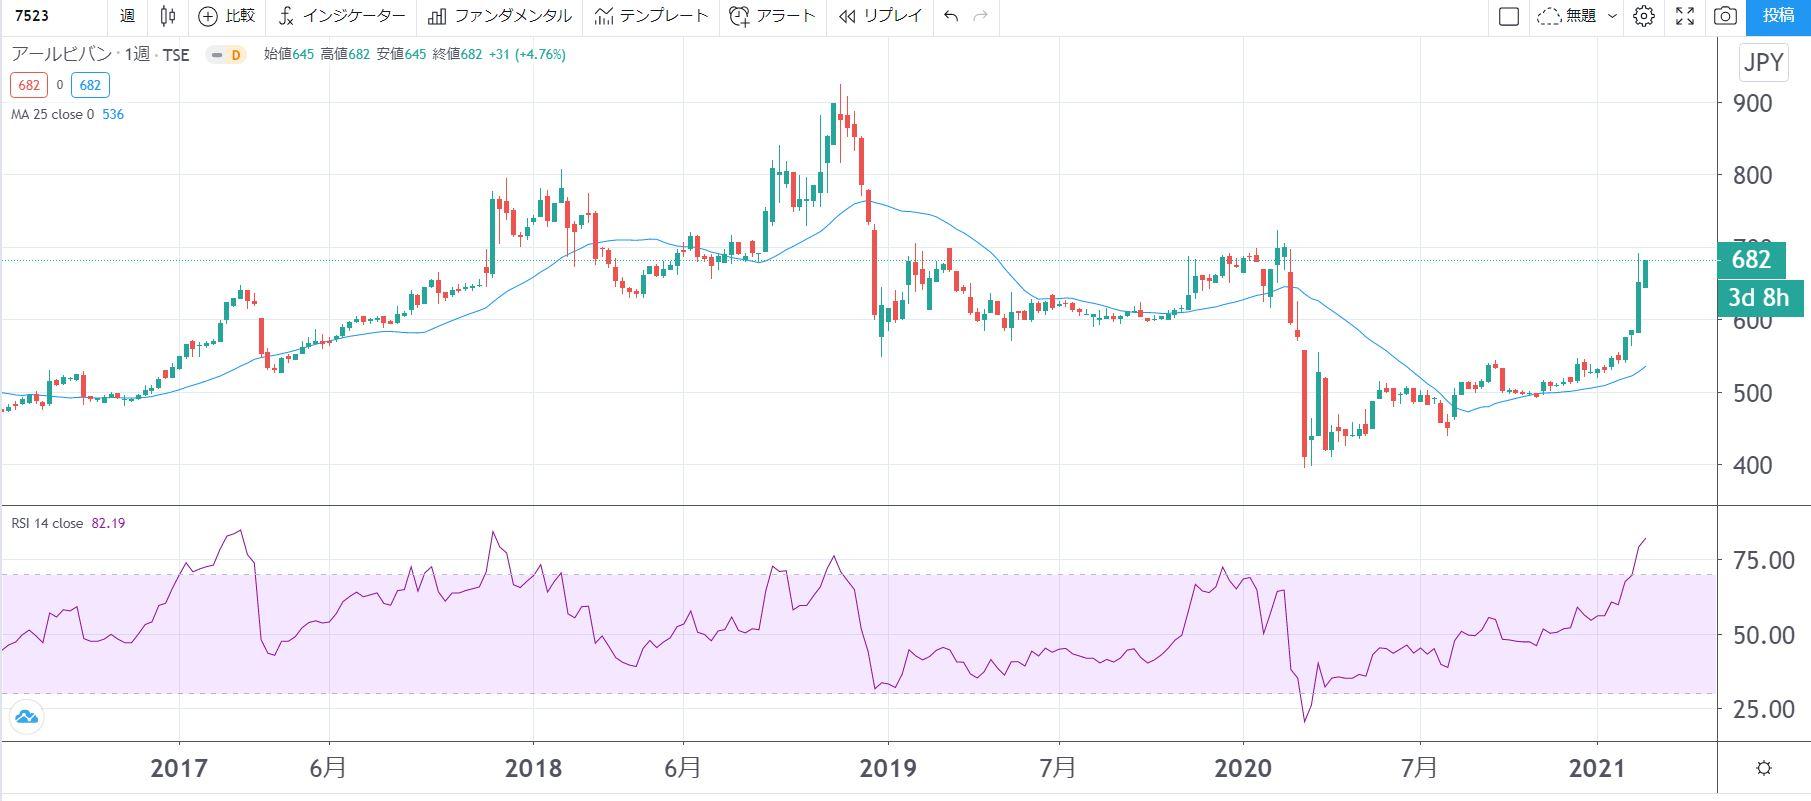 5年株価チャート-アールビバン